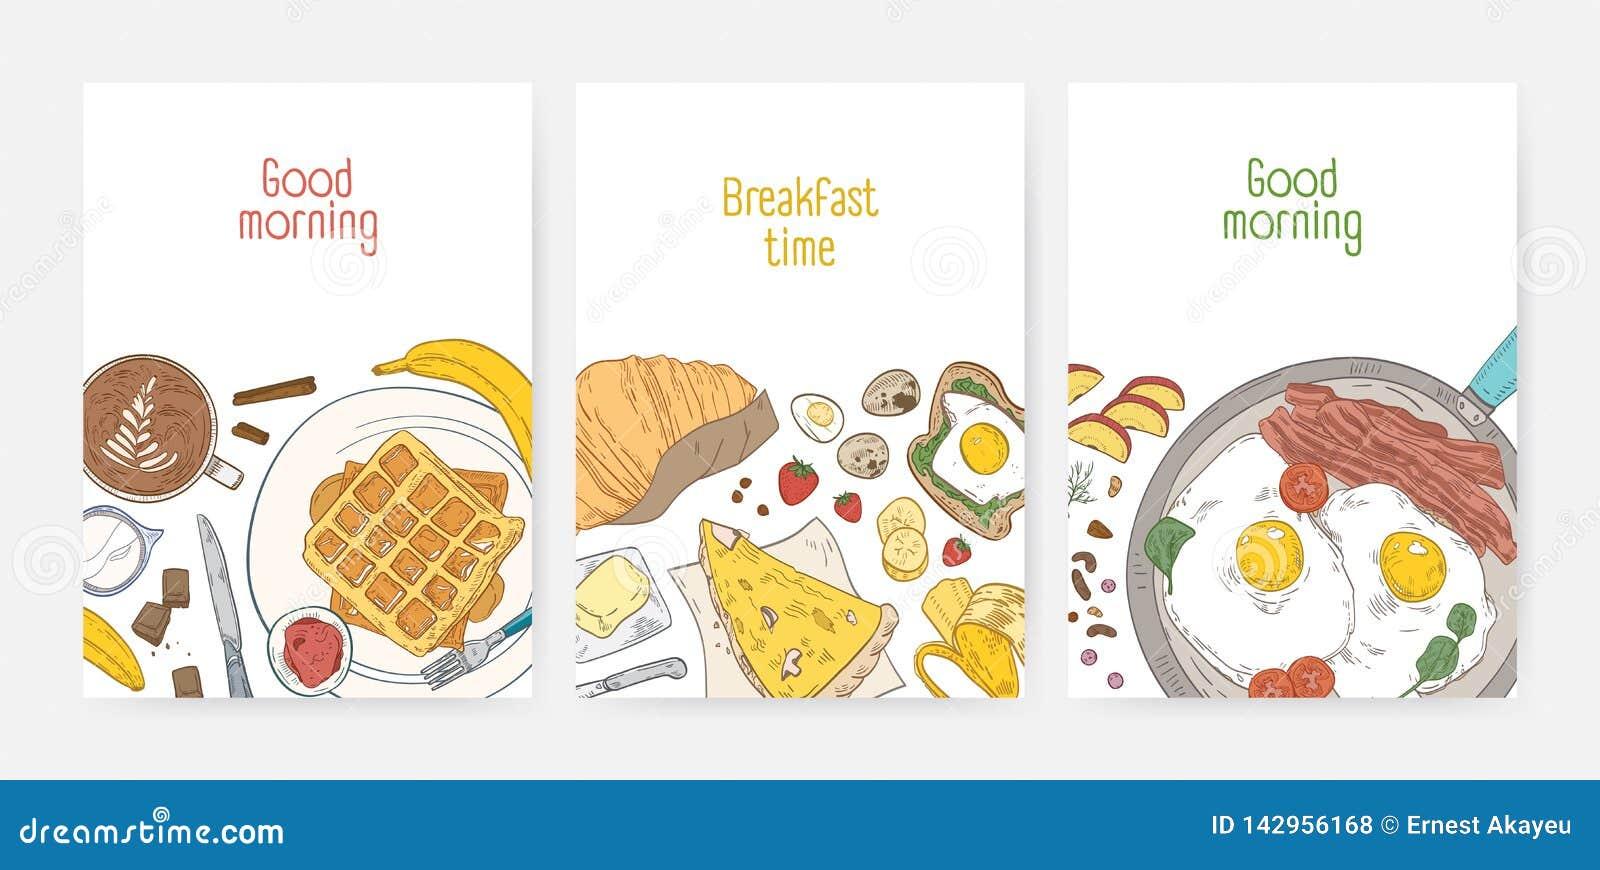 海报或卡片模板的汇集与鲜美健康早餐饭食和早晨食物-荷包蛋,薄酥饼,咖啡的